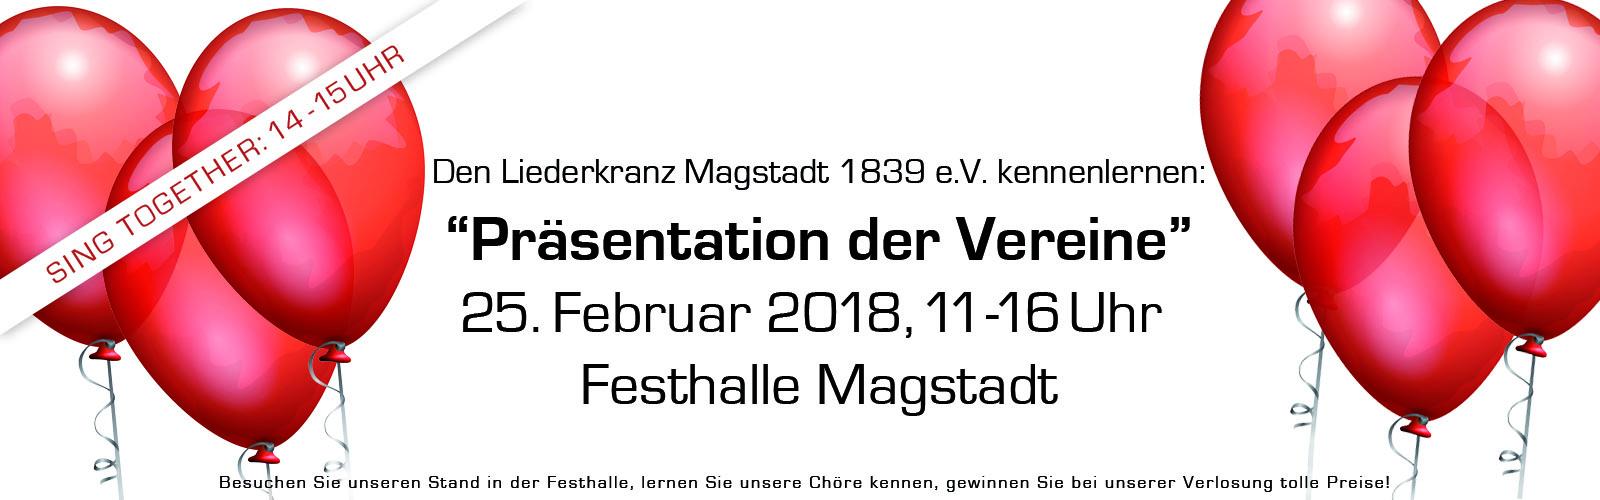 Einladung Liederkranz Magstadt Präsentation der Vereine